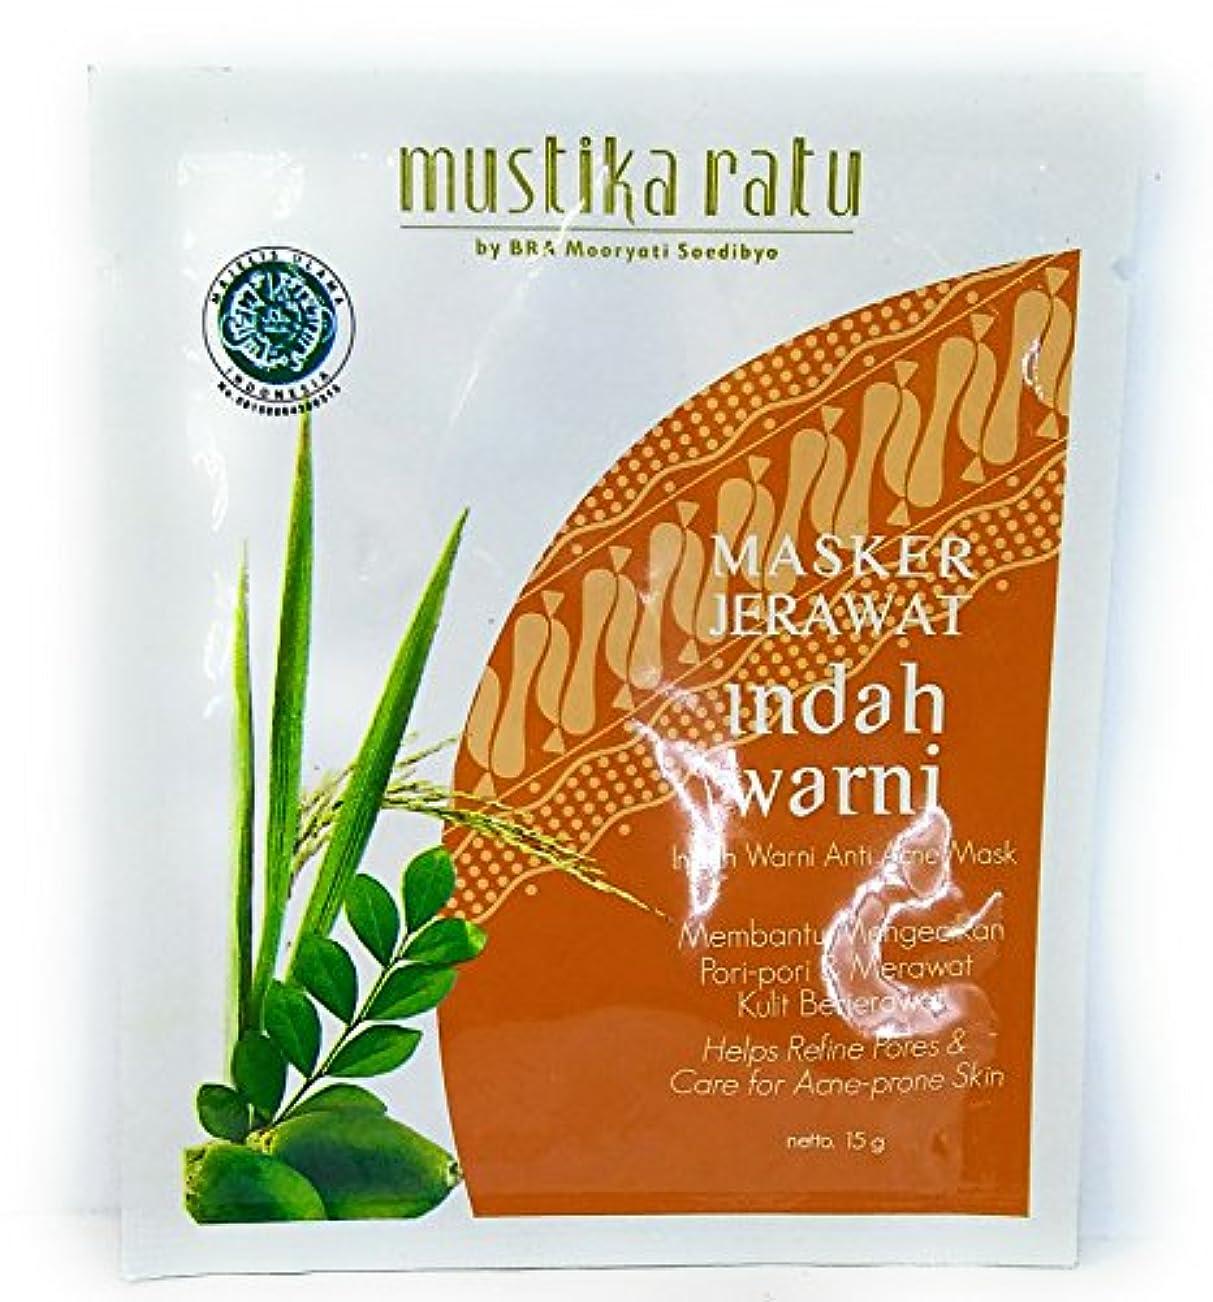 シャー着服褐色Mustika Ratu マスカーインダwarniアンチアクネマスク、15グラム(10パック)